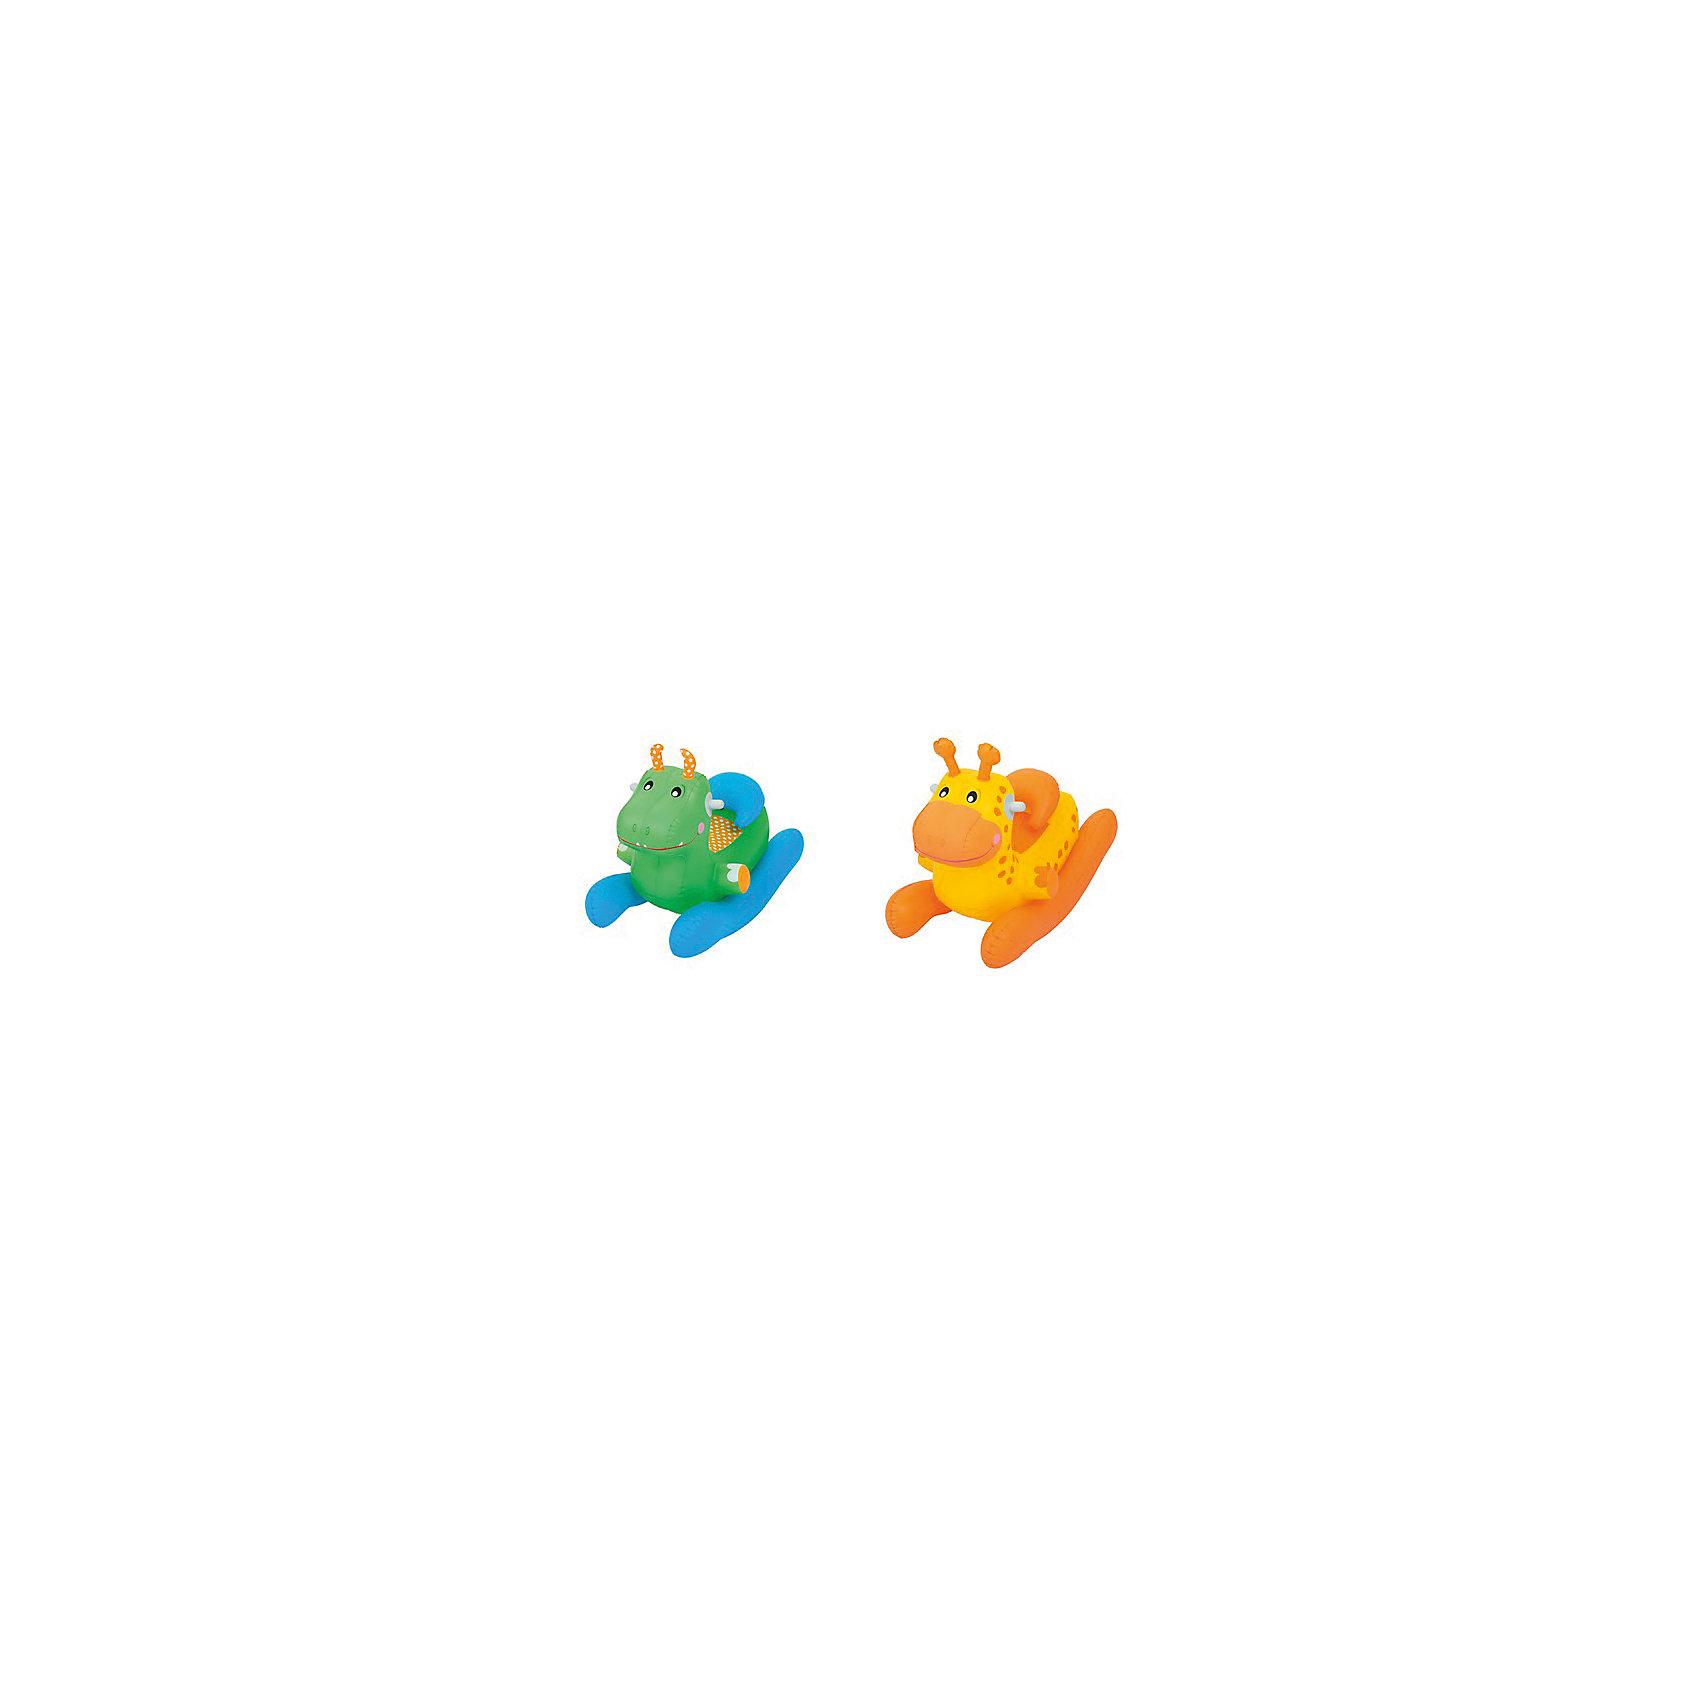 Игрушка-качалка надувная, Bestway, в ассортименте от myToys